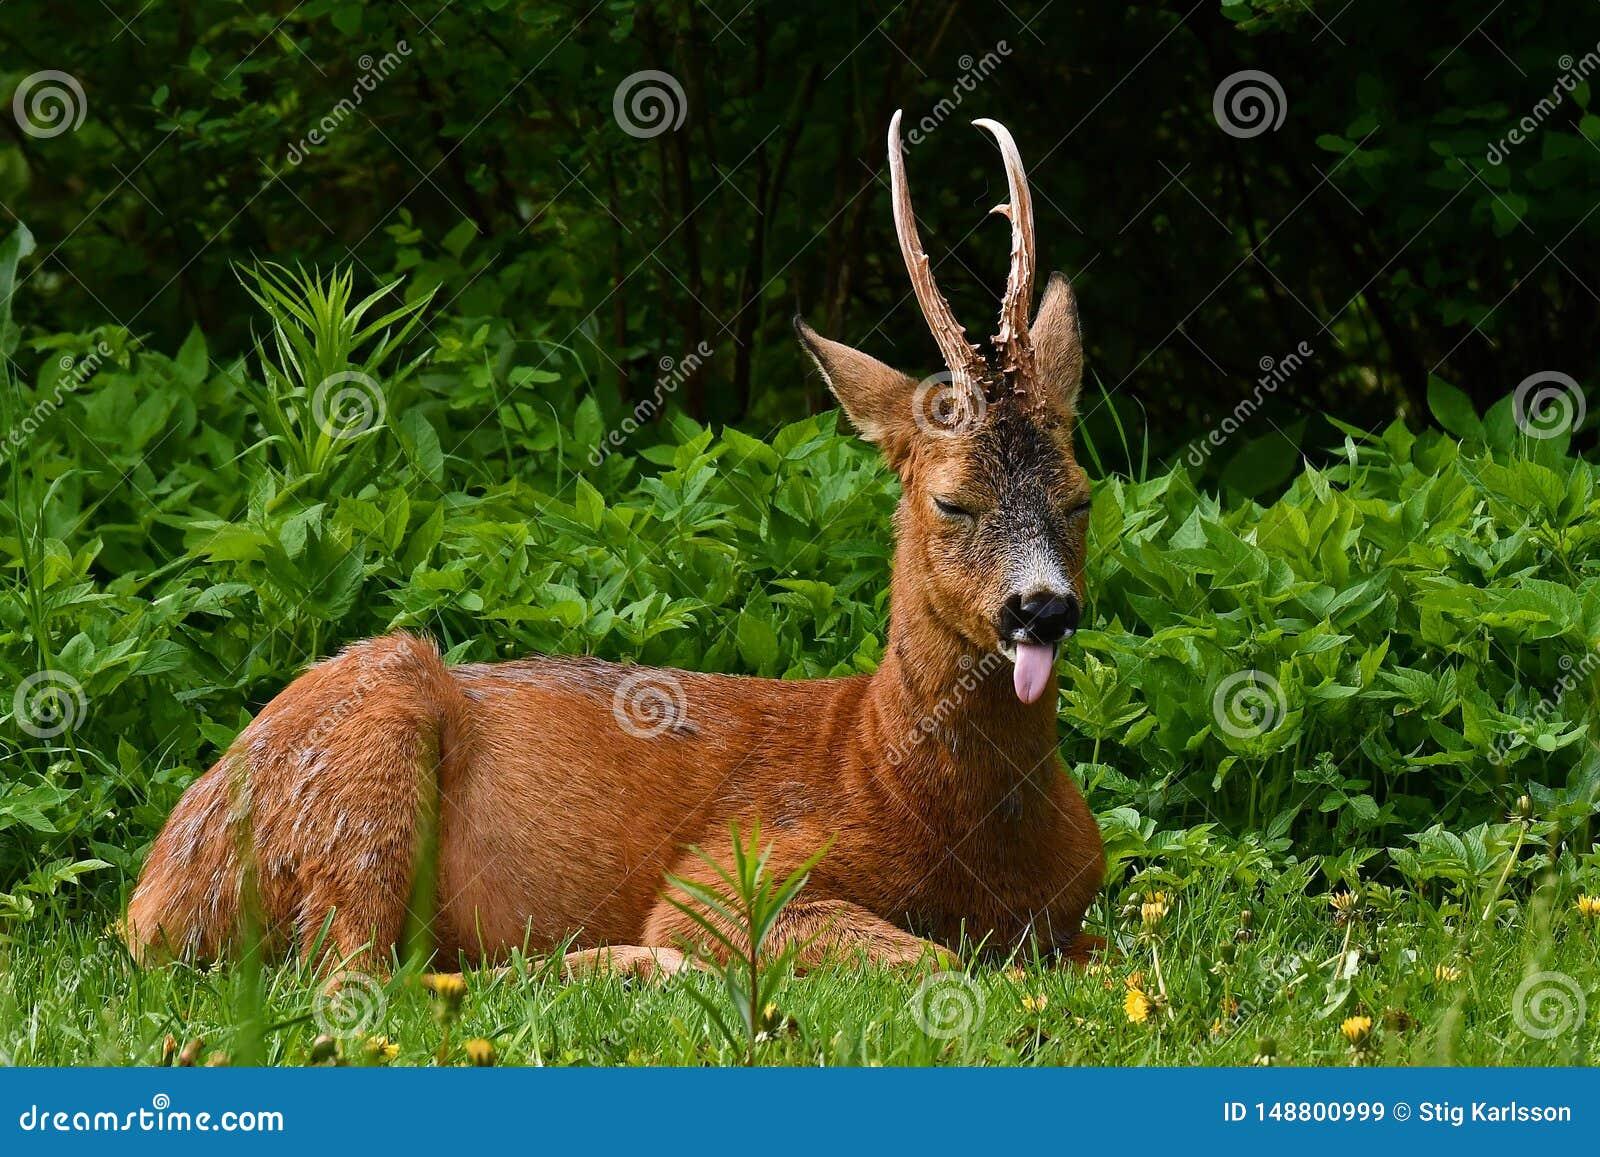 Mannelijk Roe Deer, Capreolus-capreolus in rust met de tong uit een vroege ochtend